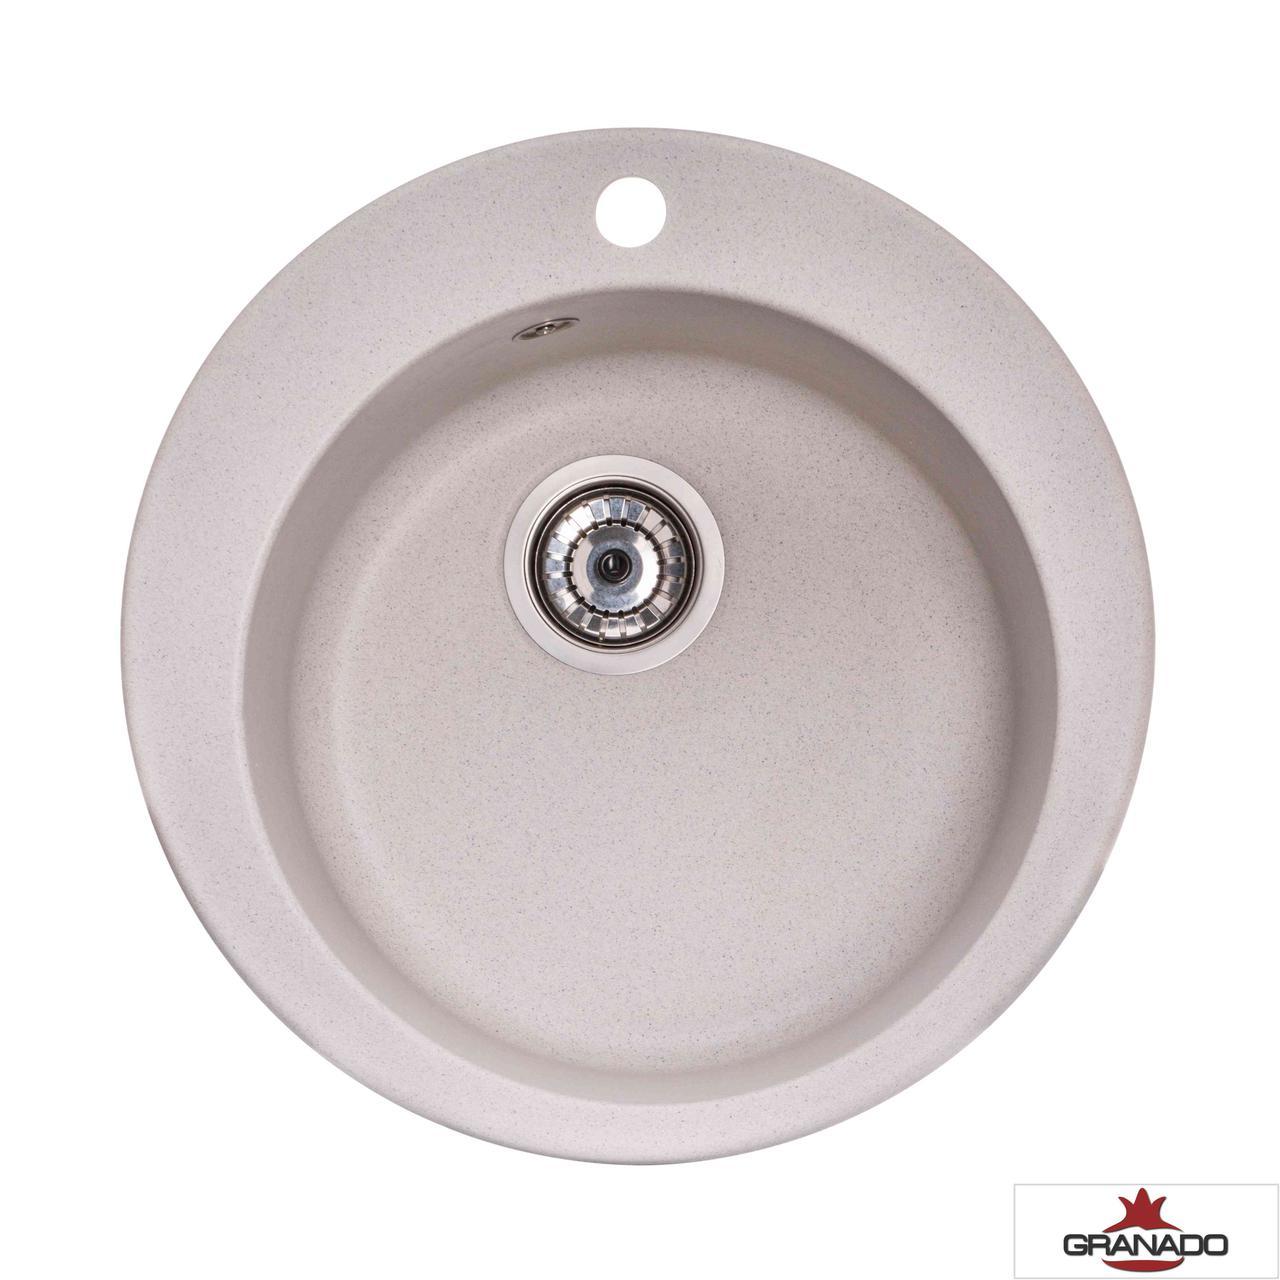 Круглая гранитная мойка кухонная серая с евросифоном 51*51 см Granado Vitoria gris 0108